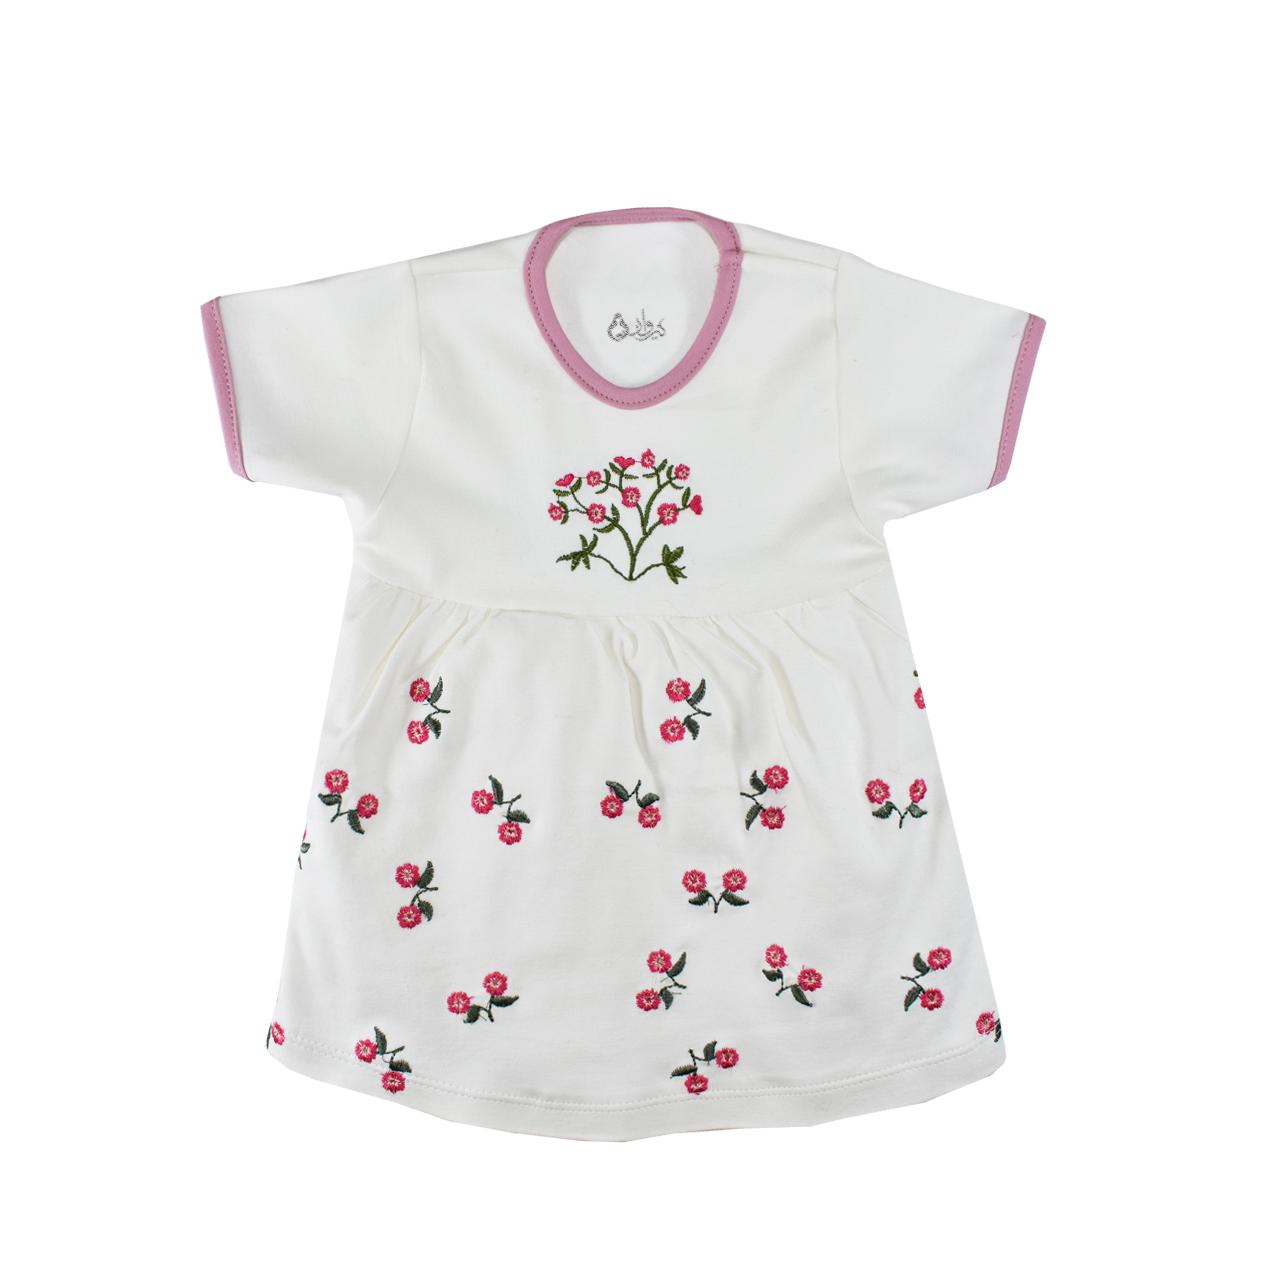 پیراهن نوزادی نیروان مدل گل برجسته